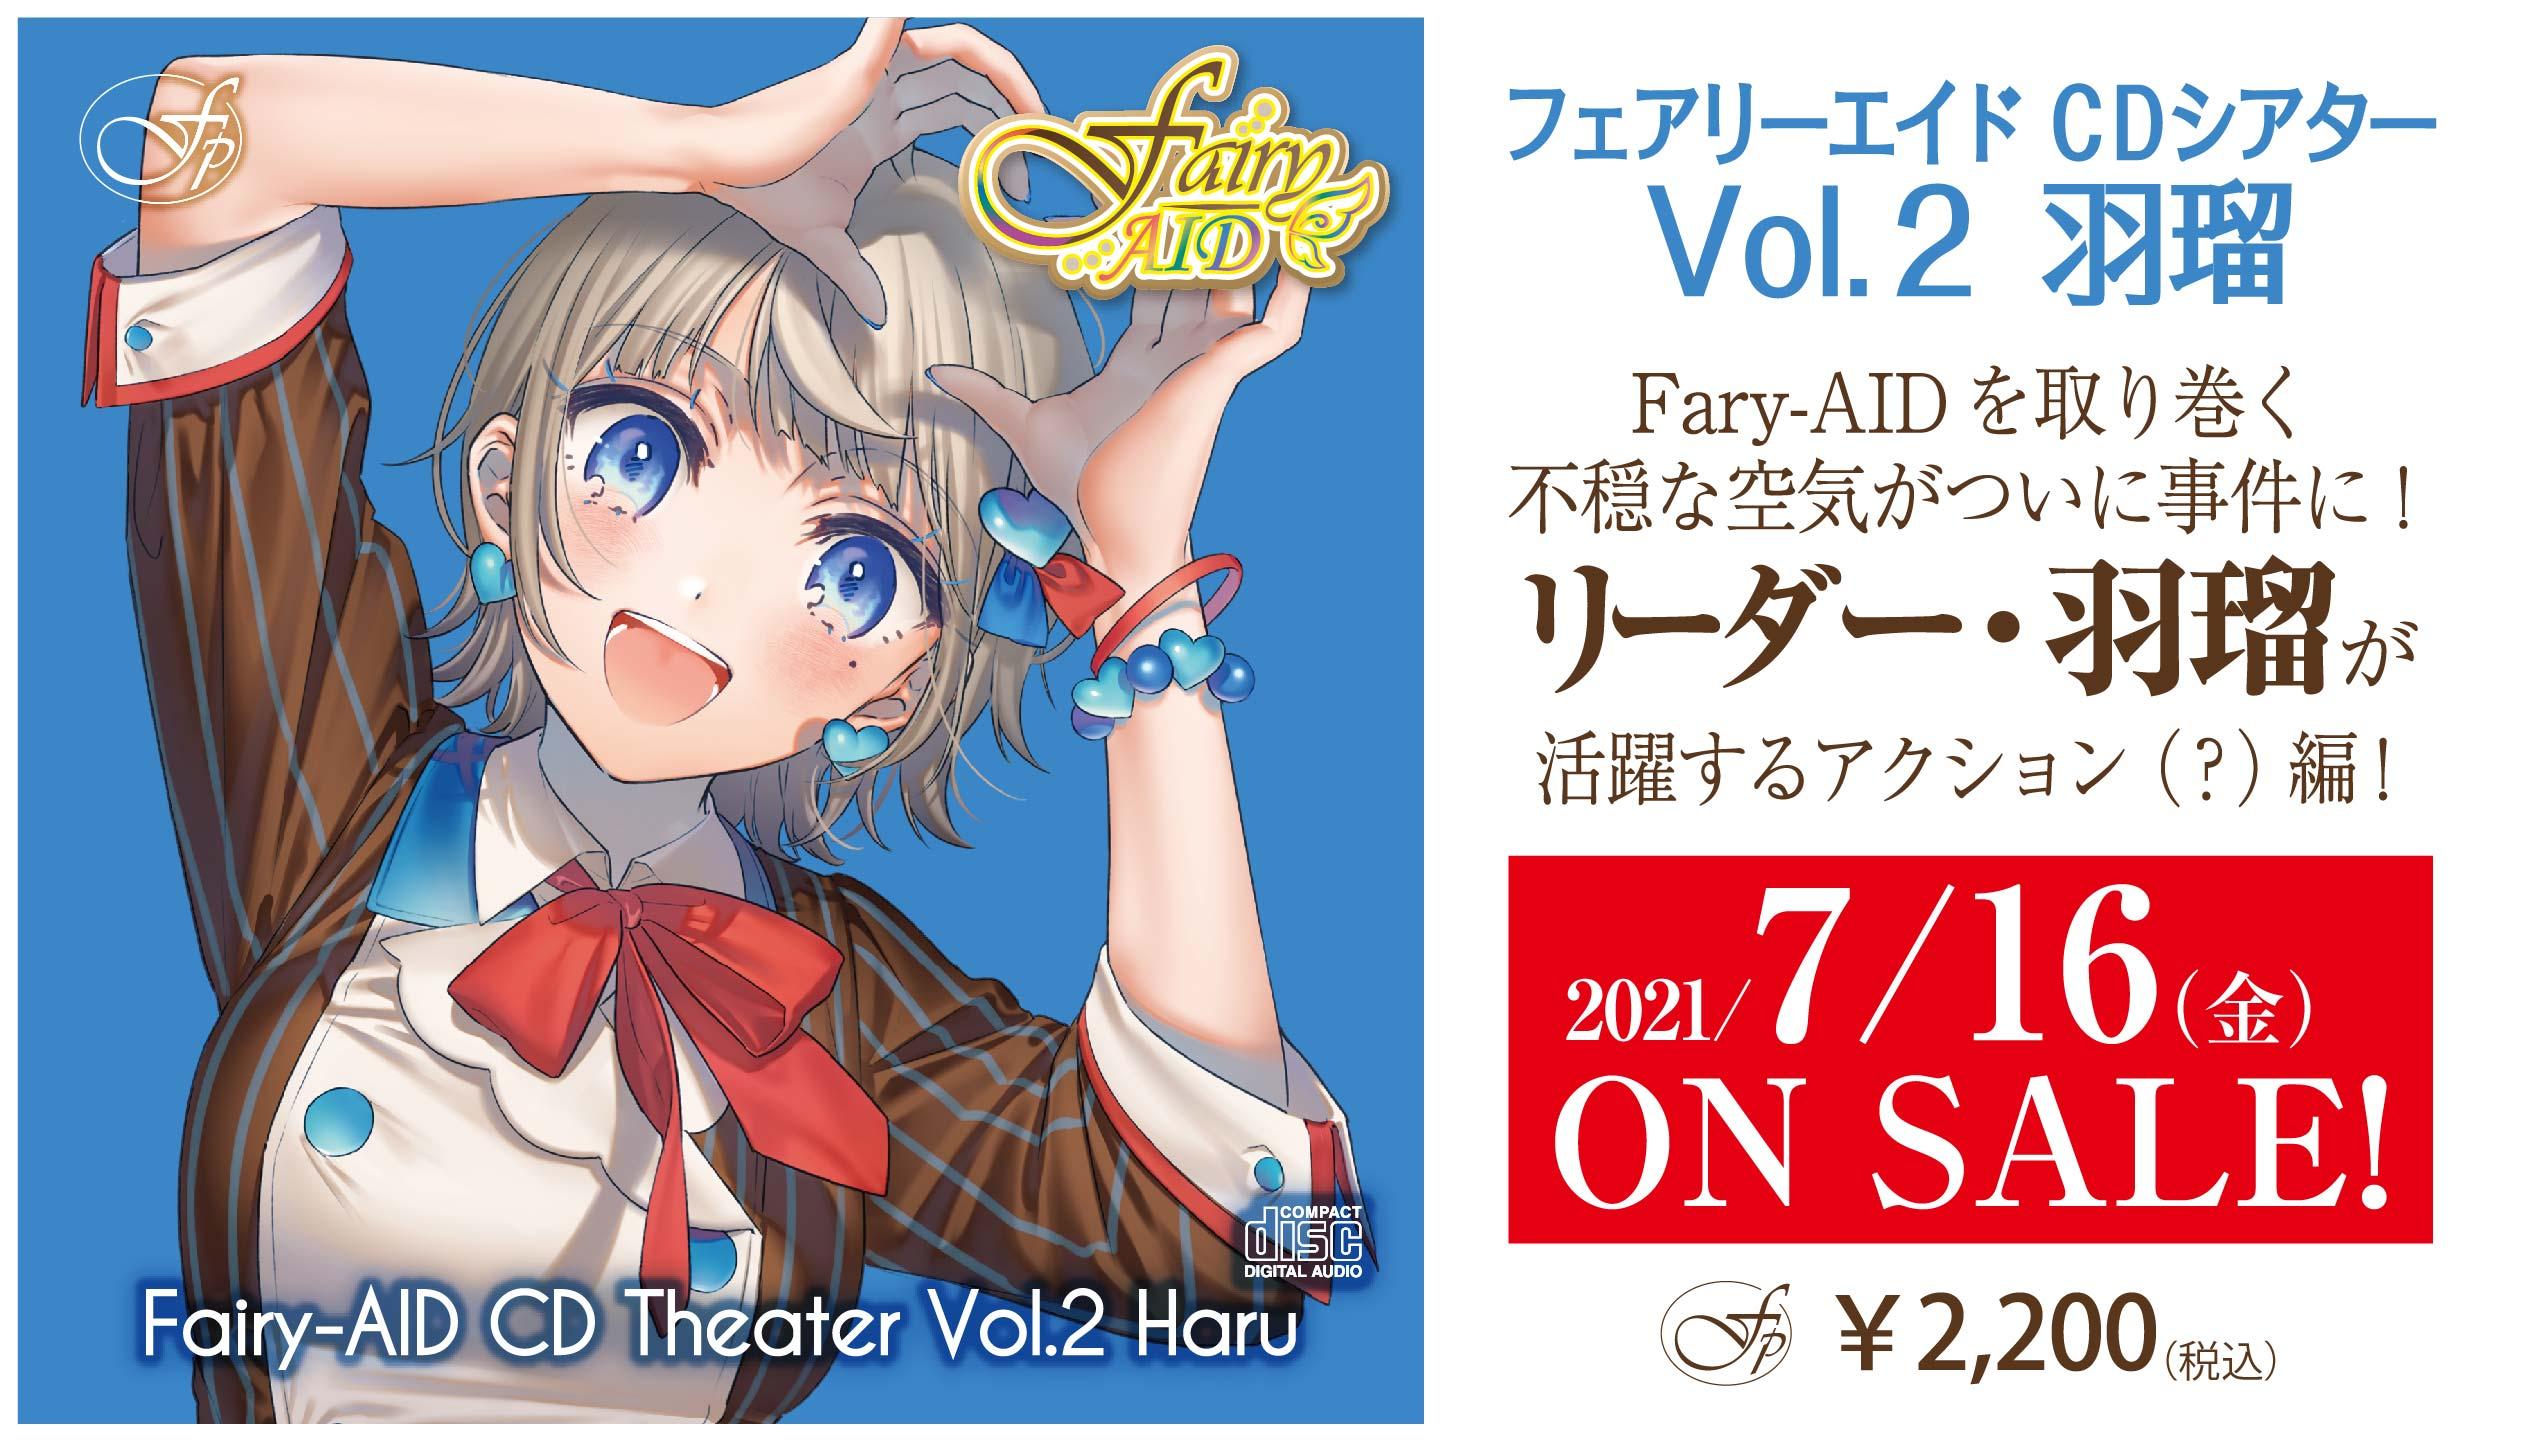 7月10日「Fairy-AID CD Theater vol.2 羽瑠」先行販売における特典につきまして